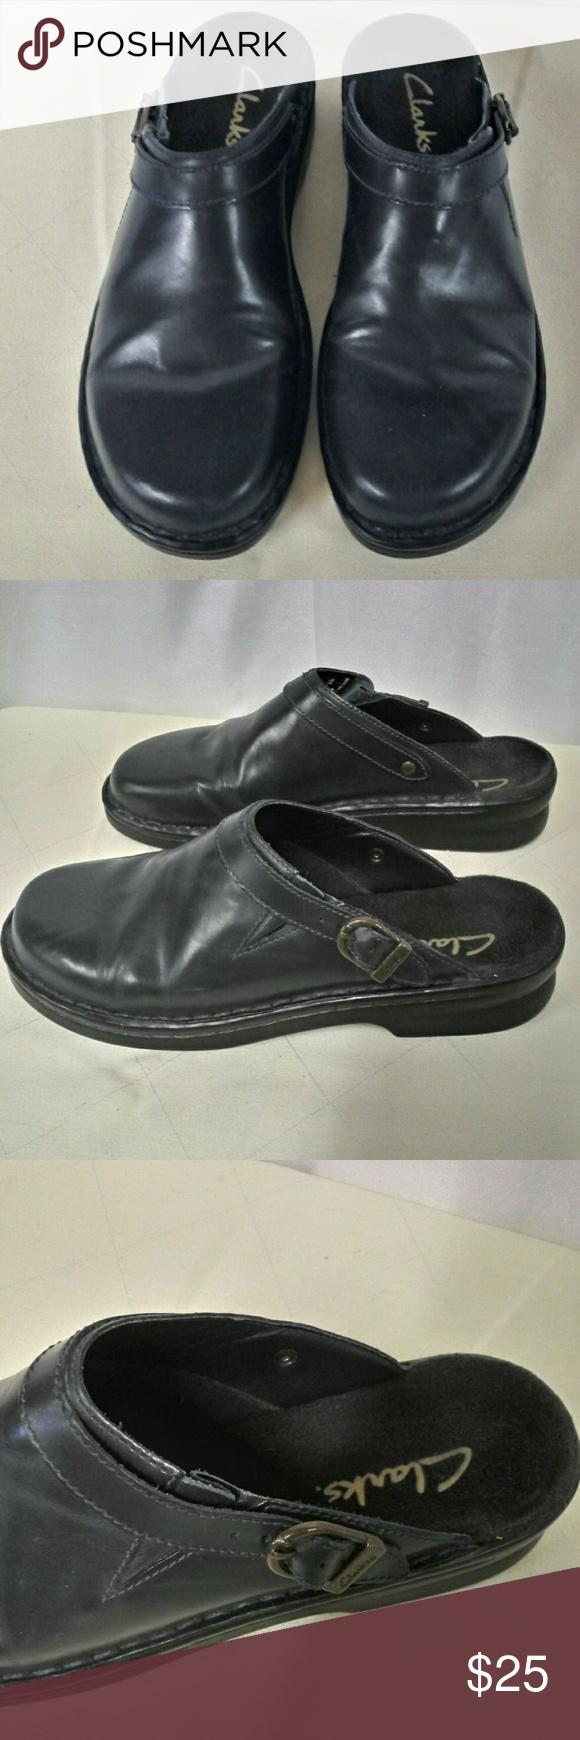 Clarks Navy Blue Slip On Clogs Size 8